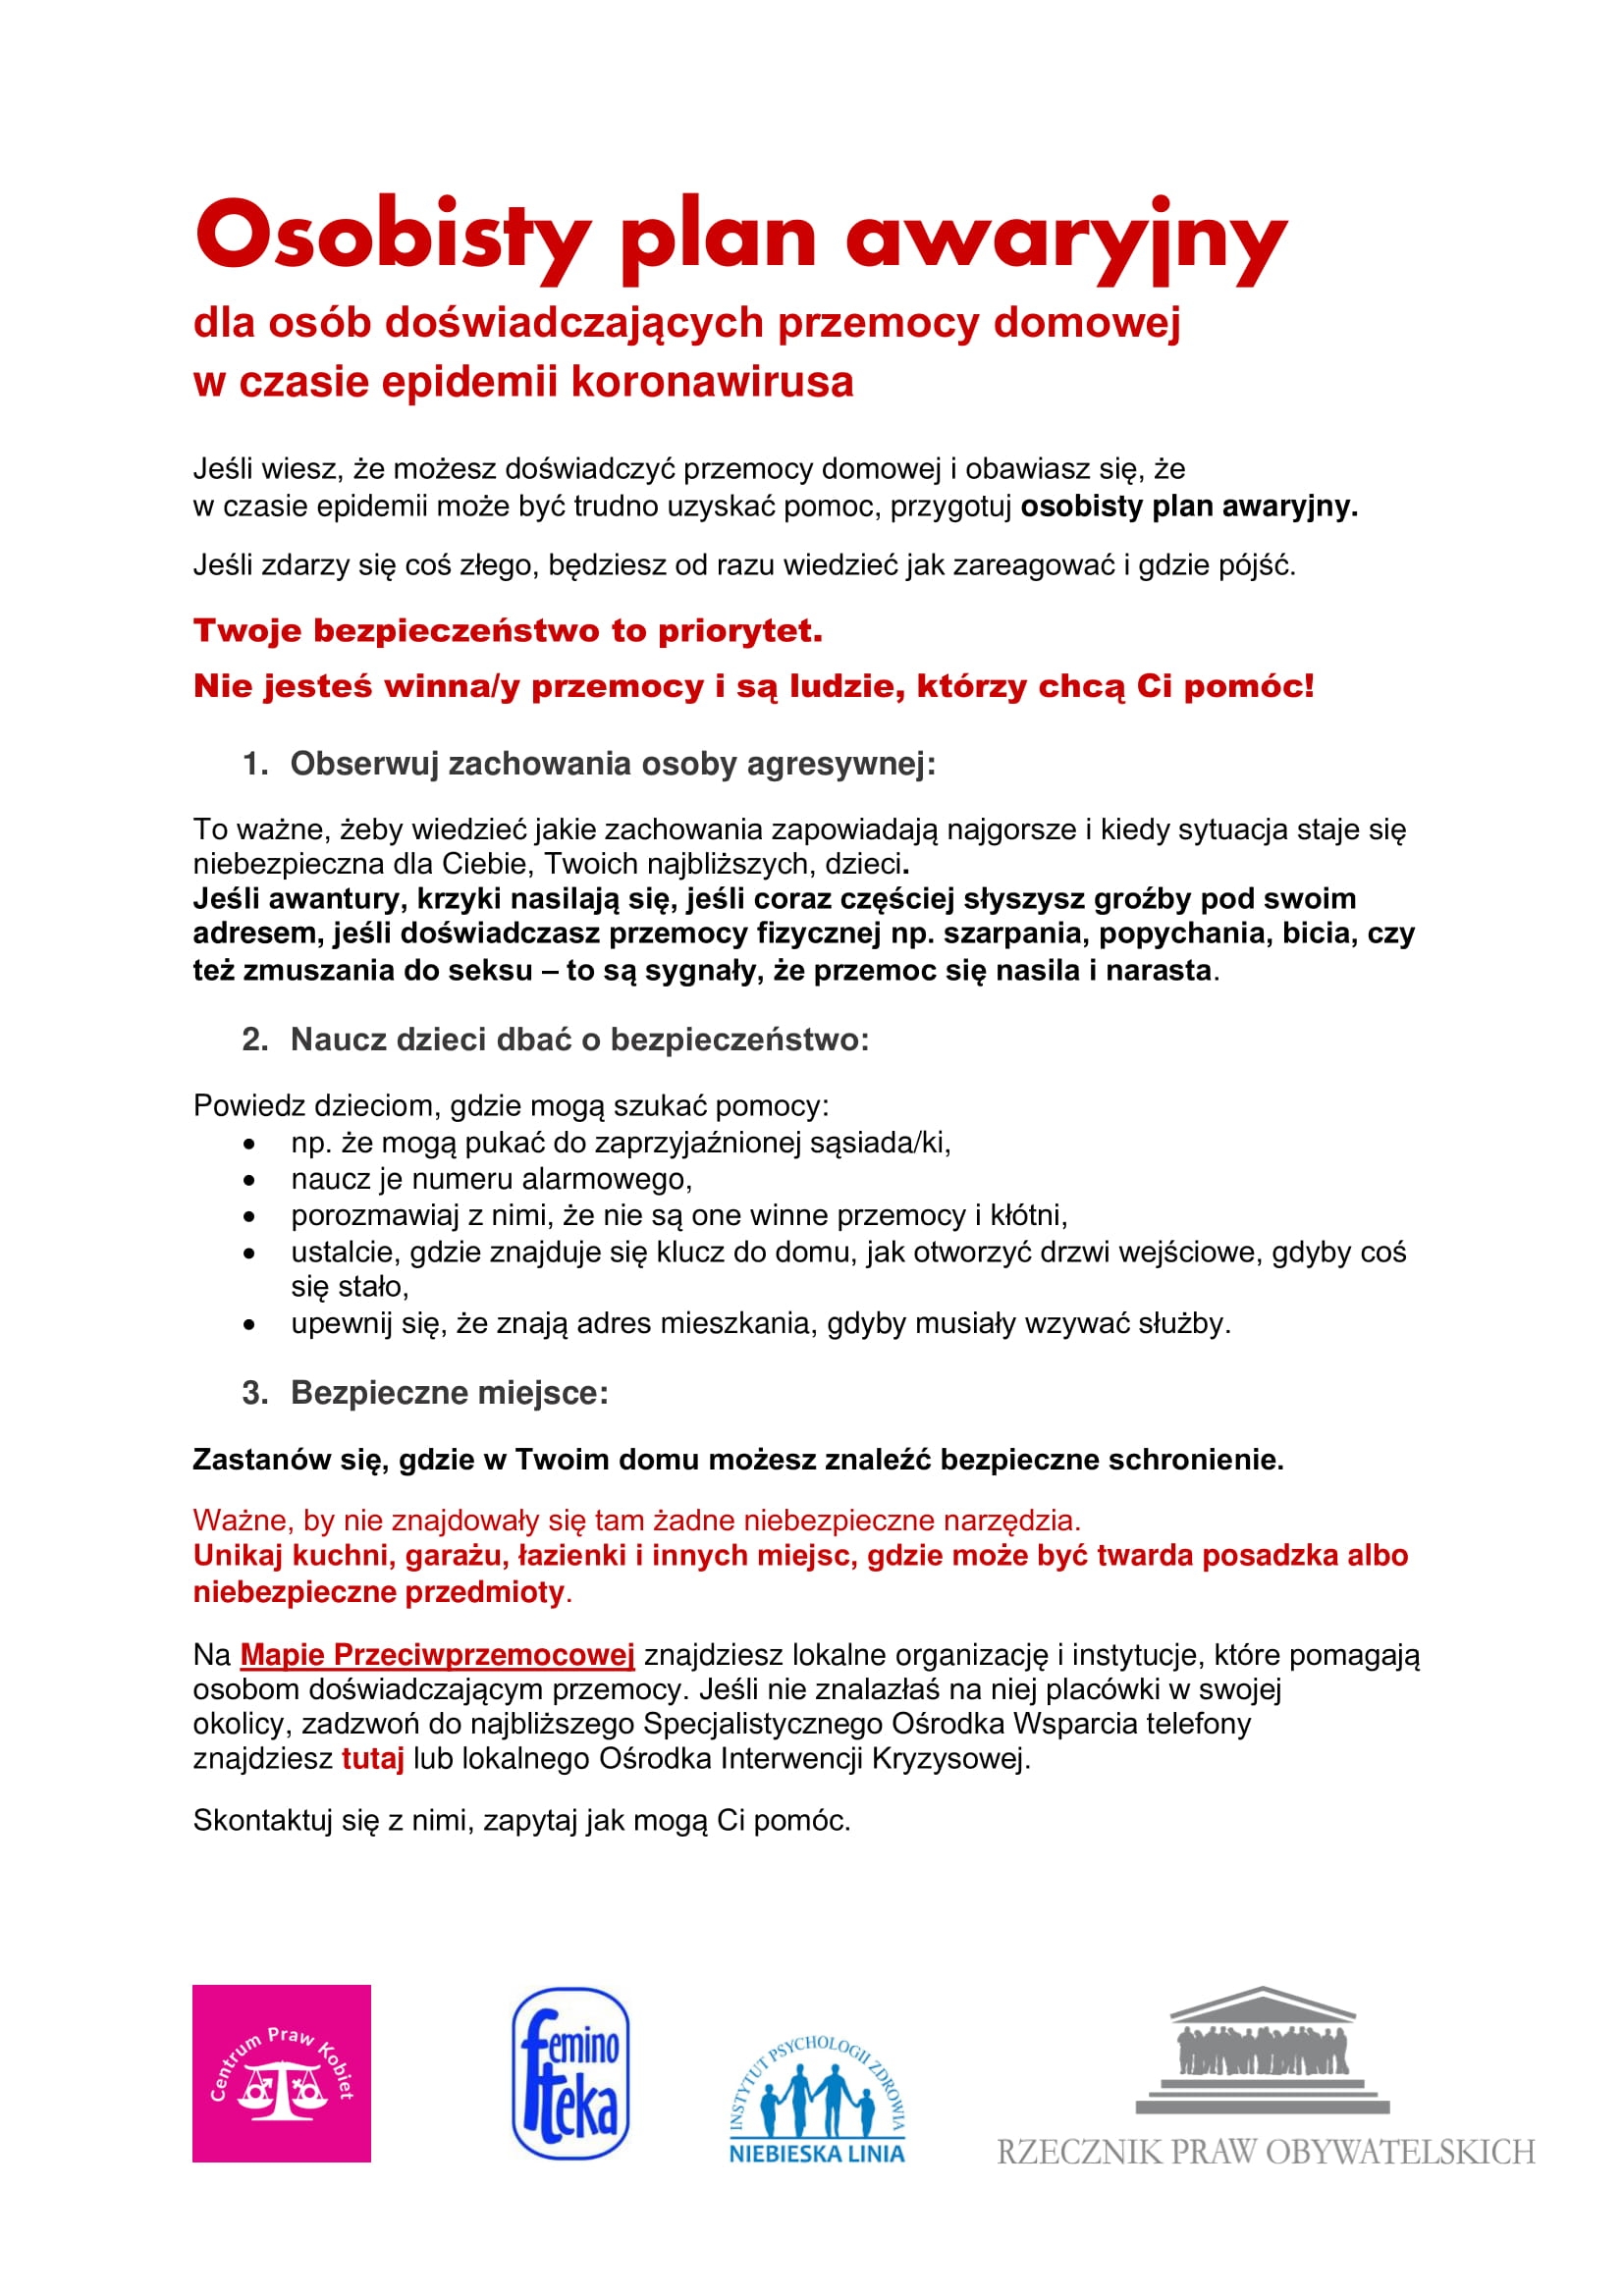 Osobisty plan awaryjny - poradnik-2.jpg